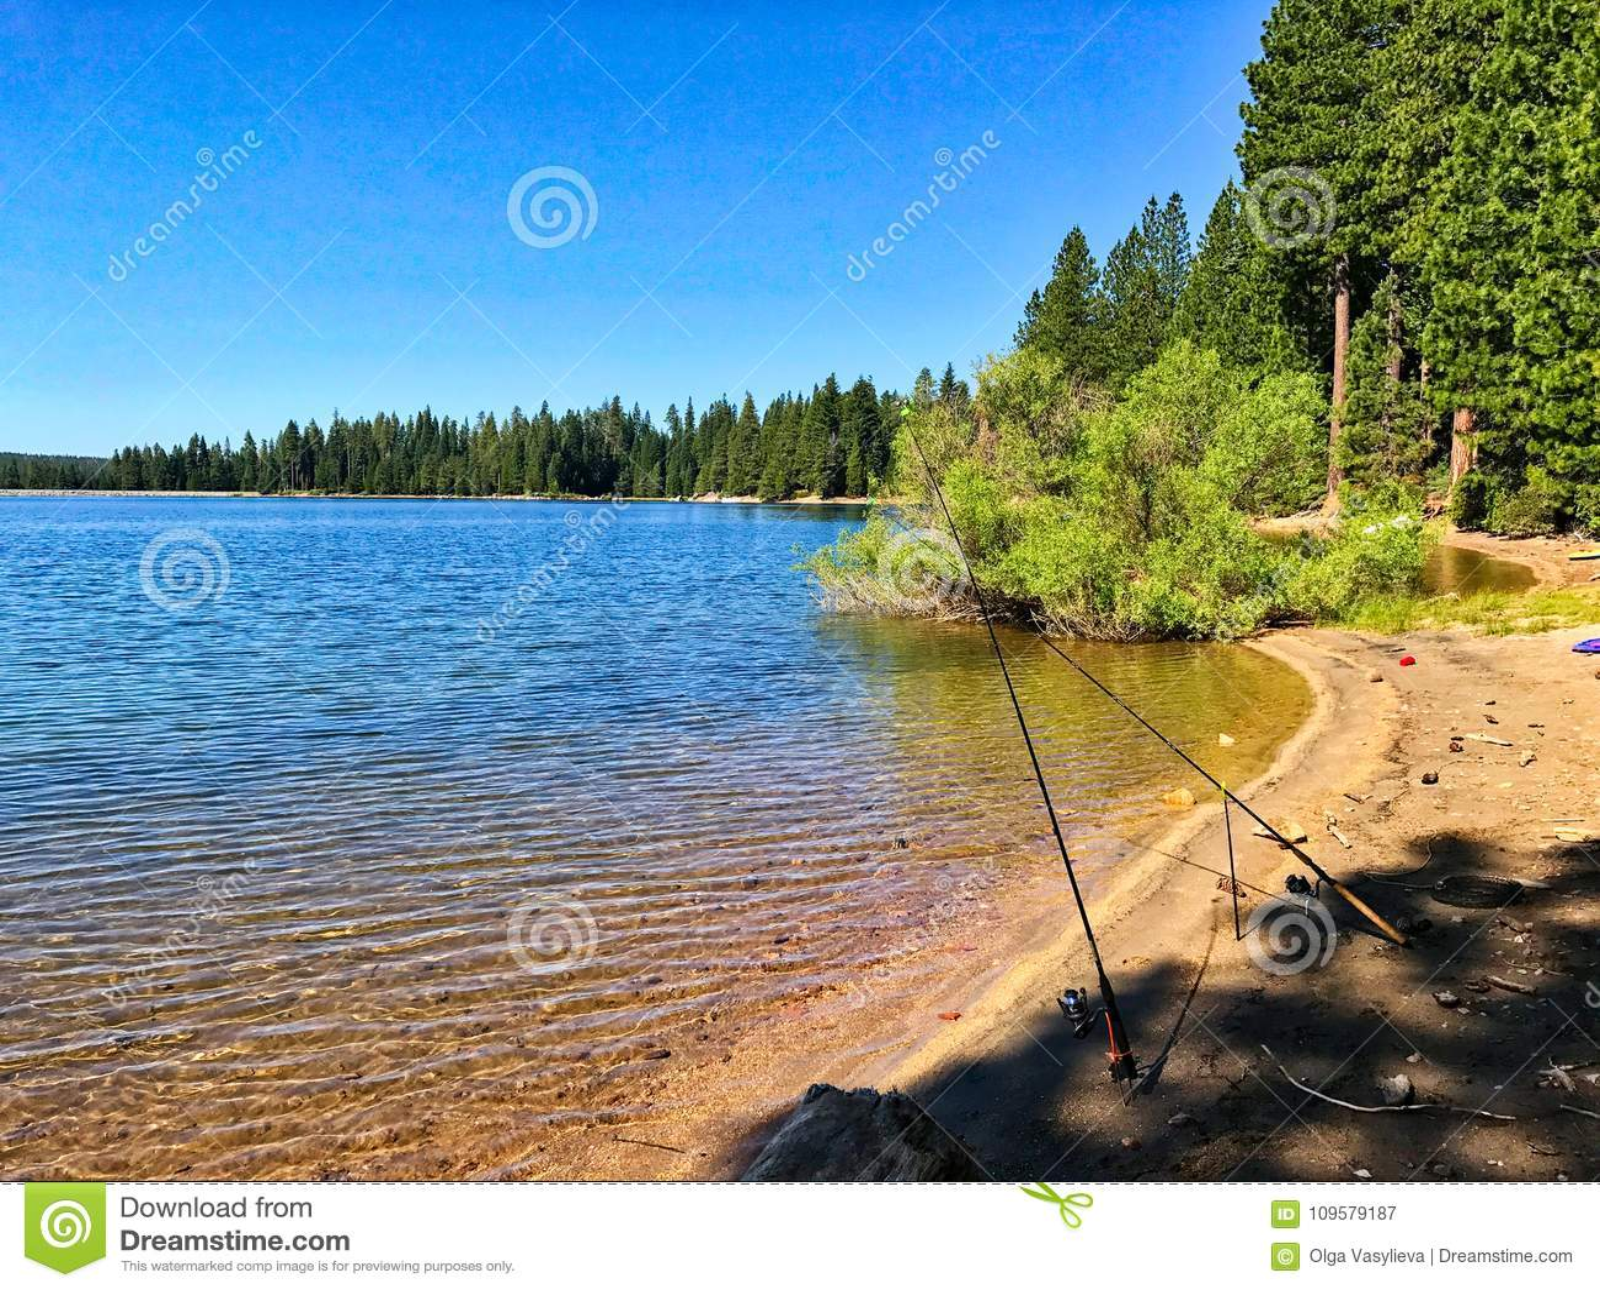 Large Freshwater Lake  California Stock Image - Image of summertime